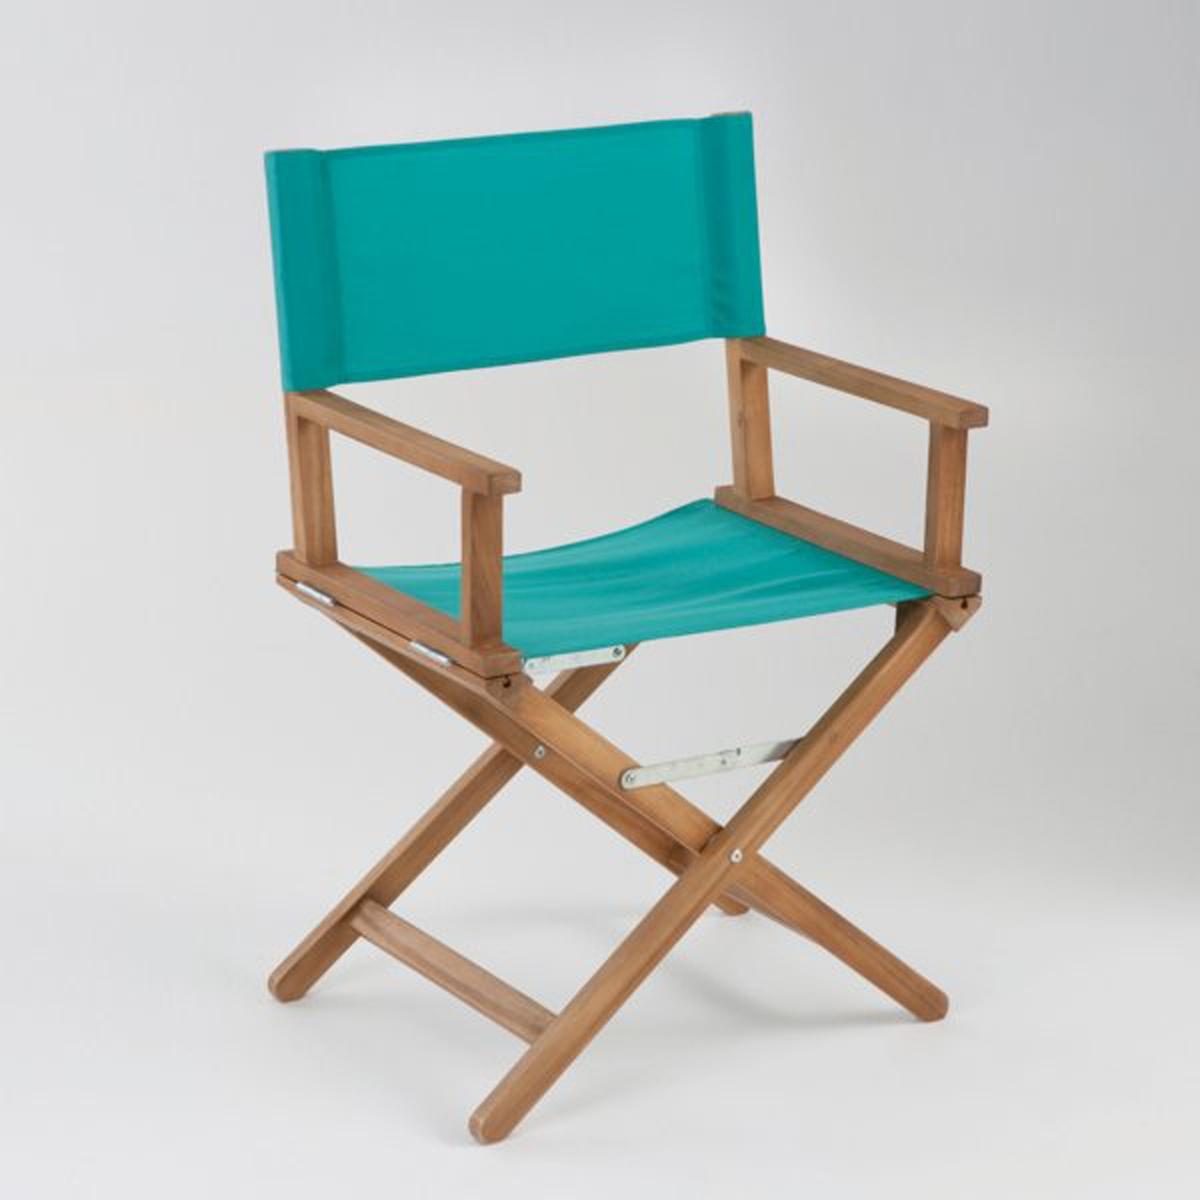 Кресло кинорежиссераВ саду и дома, режиссерское кресло производит сильное впечатление.Характеристики кресла :Из акации с масляной пропиткой. - Покрытие  100% полиэстера .- Полностью складное .Поставляется  собранным, в сложенном виде .Размеры :- Общие: L56/57,5 x H88 x P43 см. Это кресло кинорежиссера для экстерьера может быть доставлено (без доплаты), если необходимо, до вашей квартиры.Вы можете обменять или вернуть кресло в течение 15 дней, предварительно оговорив это при покупке.<br><br>Цвет: в полоску разноцветный,изумрудный<br>Размер: единый размер